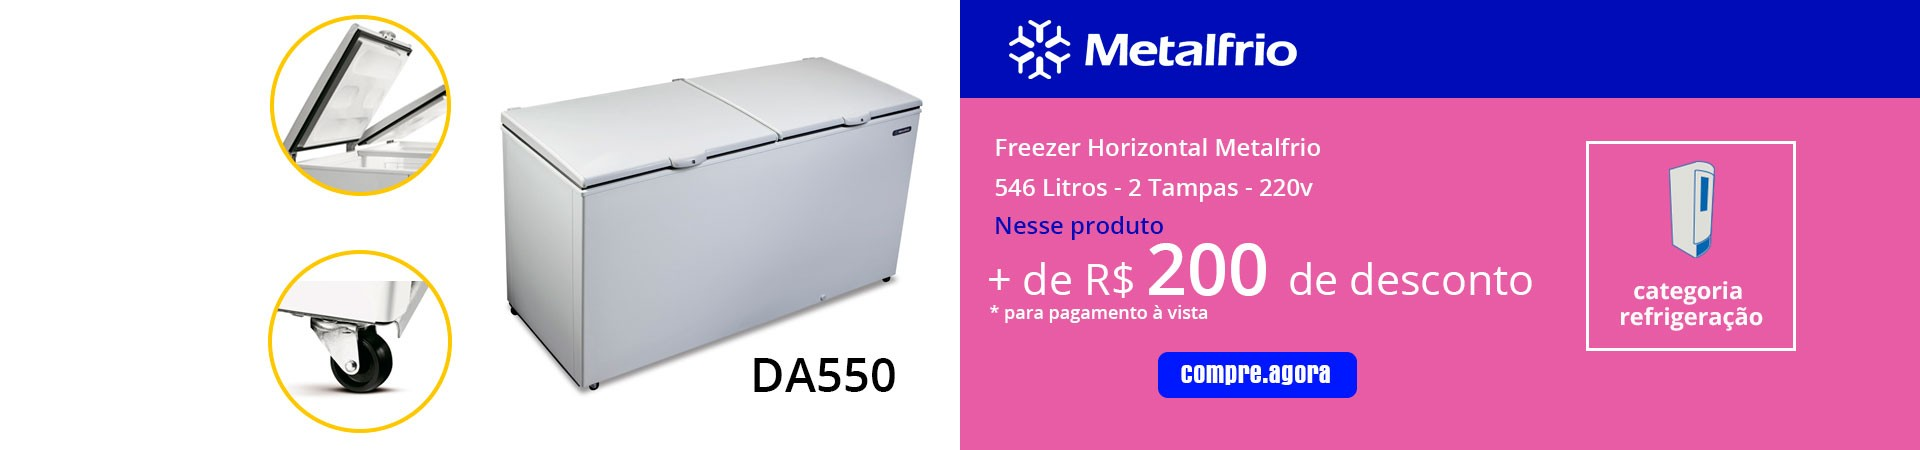 freezer-horizontal-metalfrio-546-litros-com-2-tampas-cega-220v